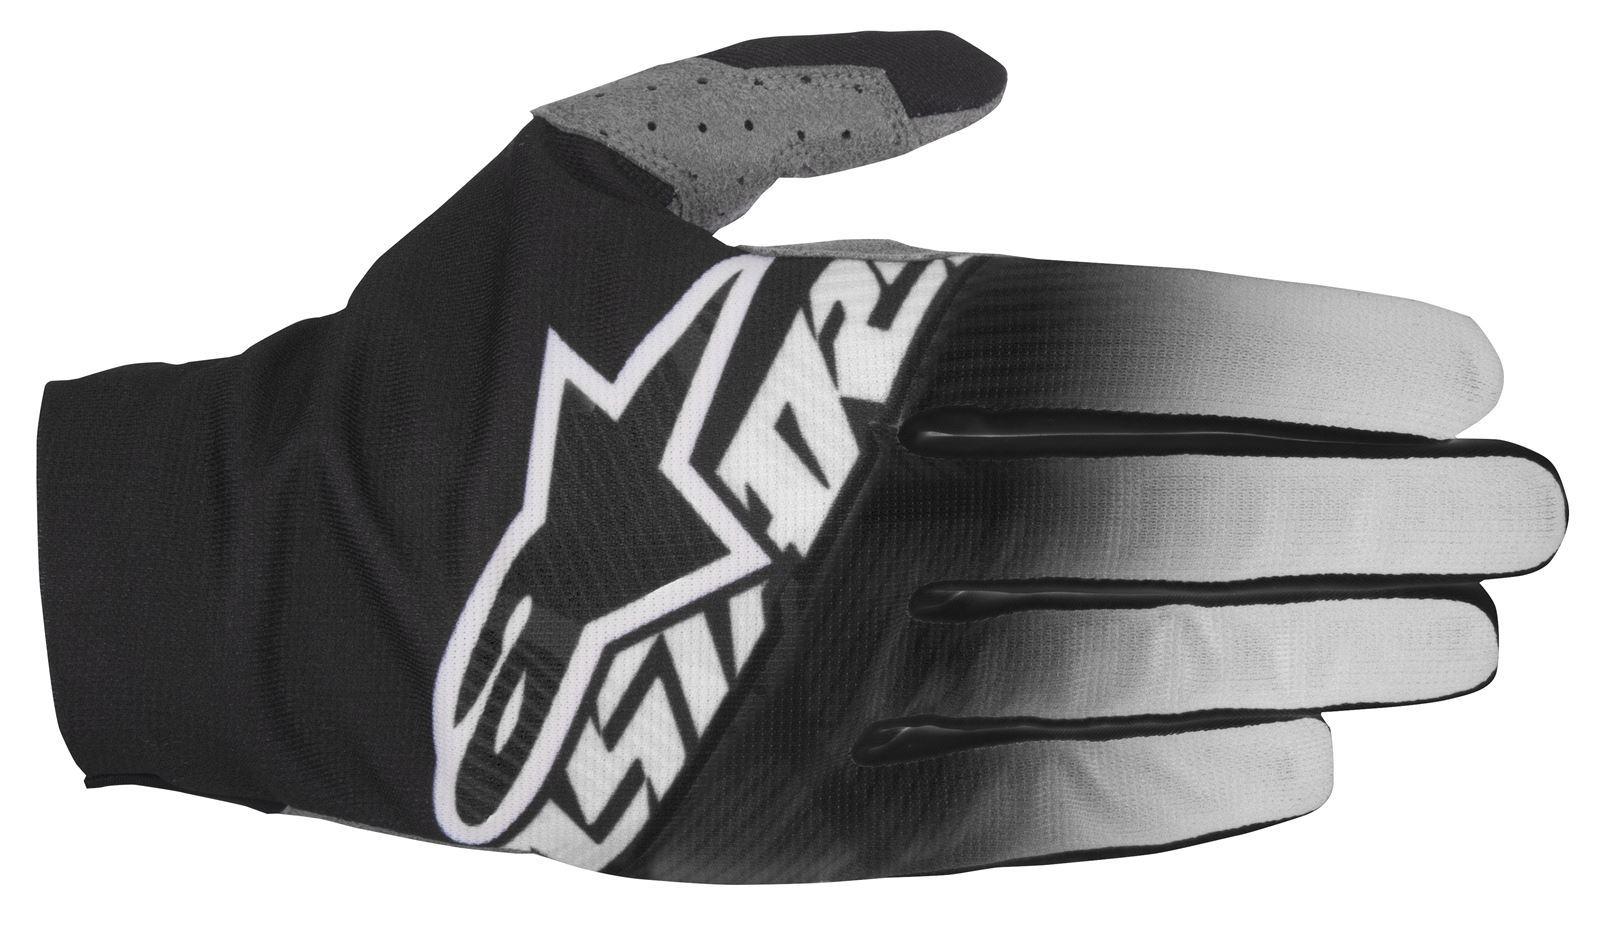 Black light gloves - Image Is Loading 2017 Alpinestars Dune Gloves Black Light Grey White